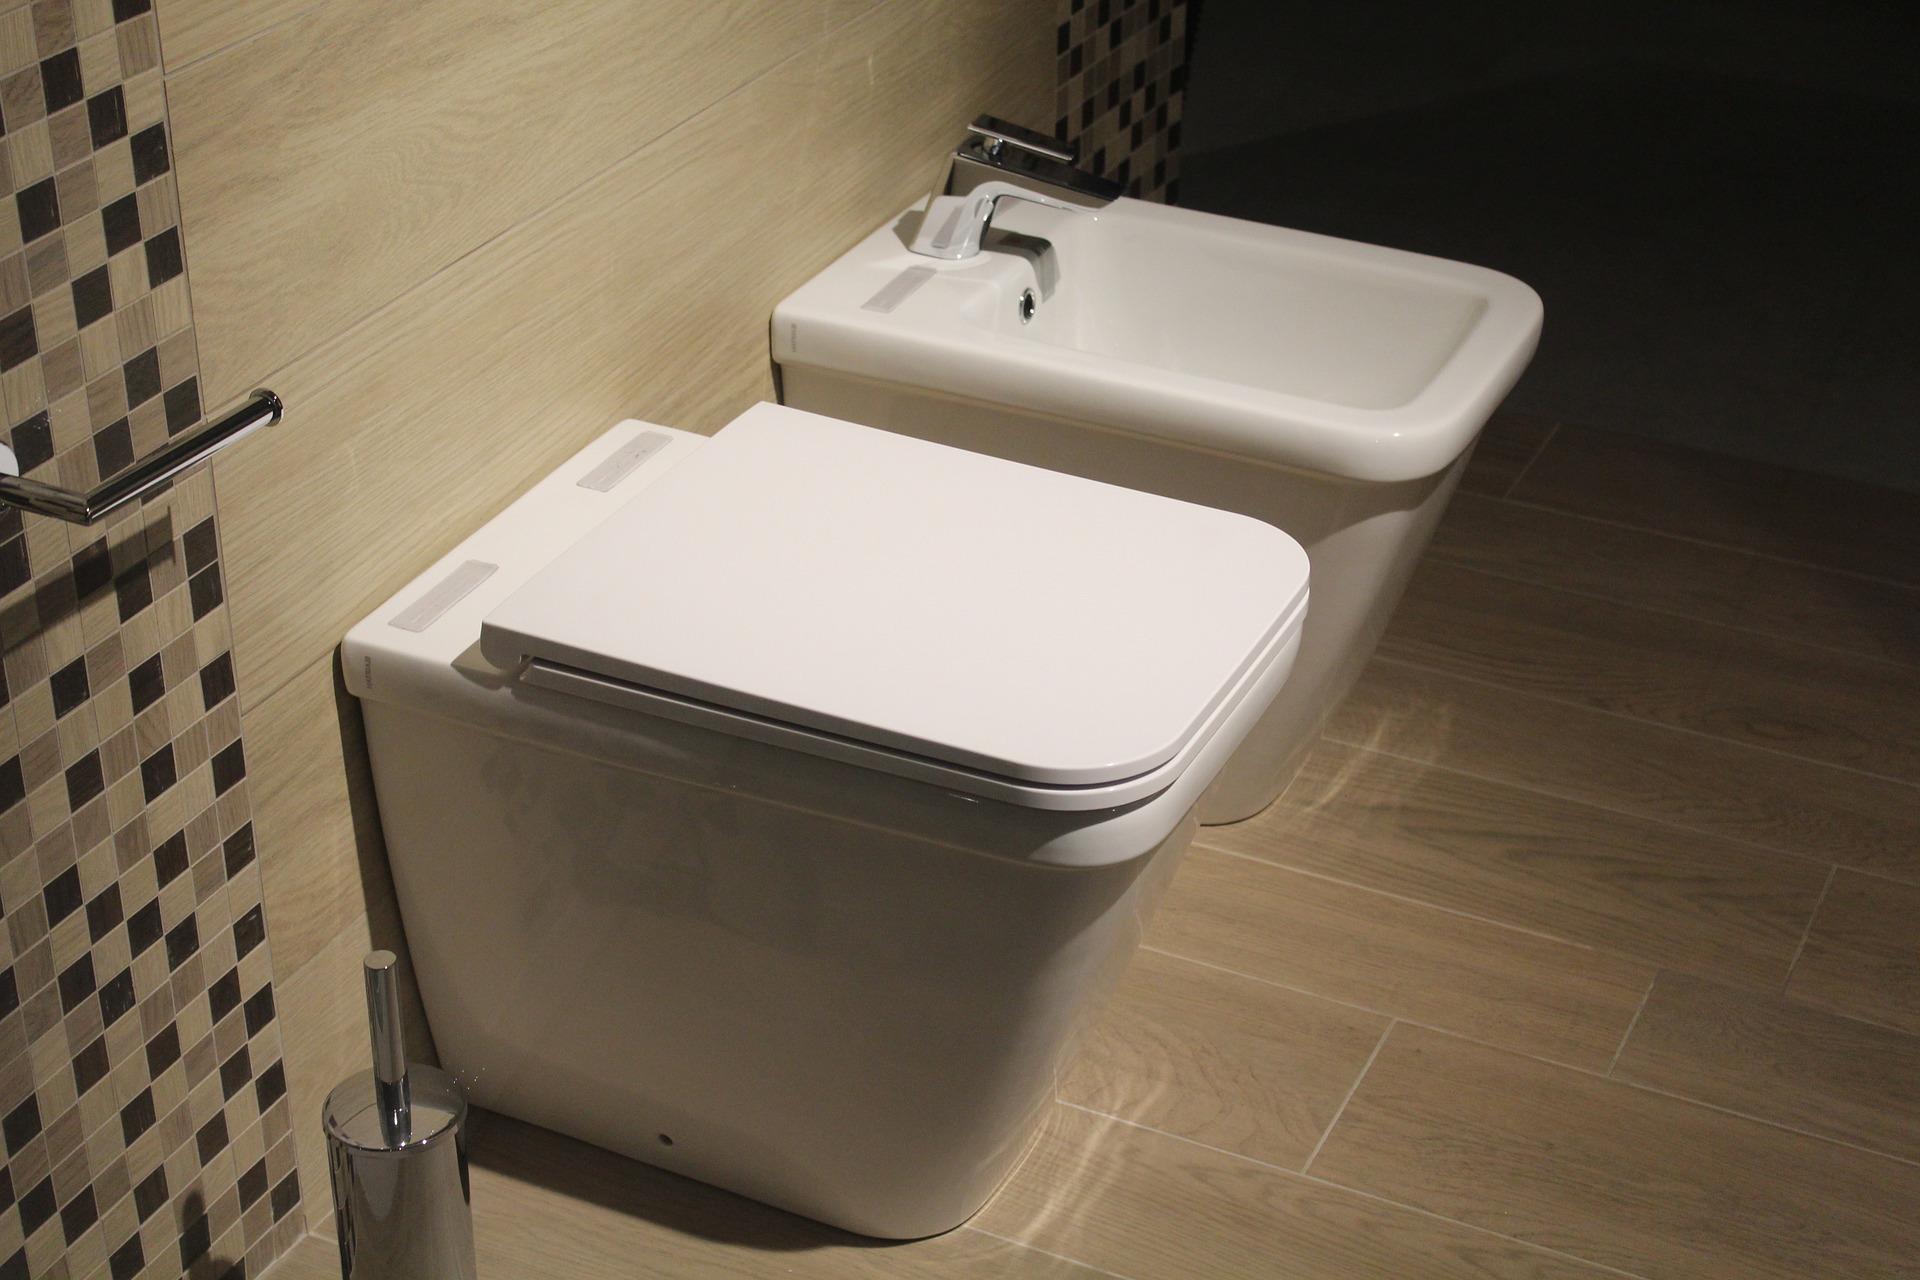 Altersgerechtes Bad - Welche Hilfsmittel lohnen sich & gibt es ...